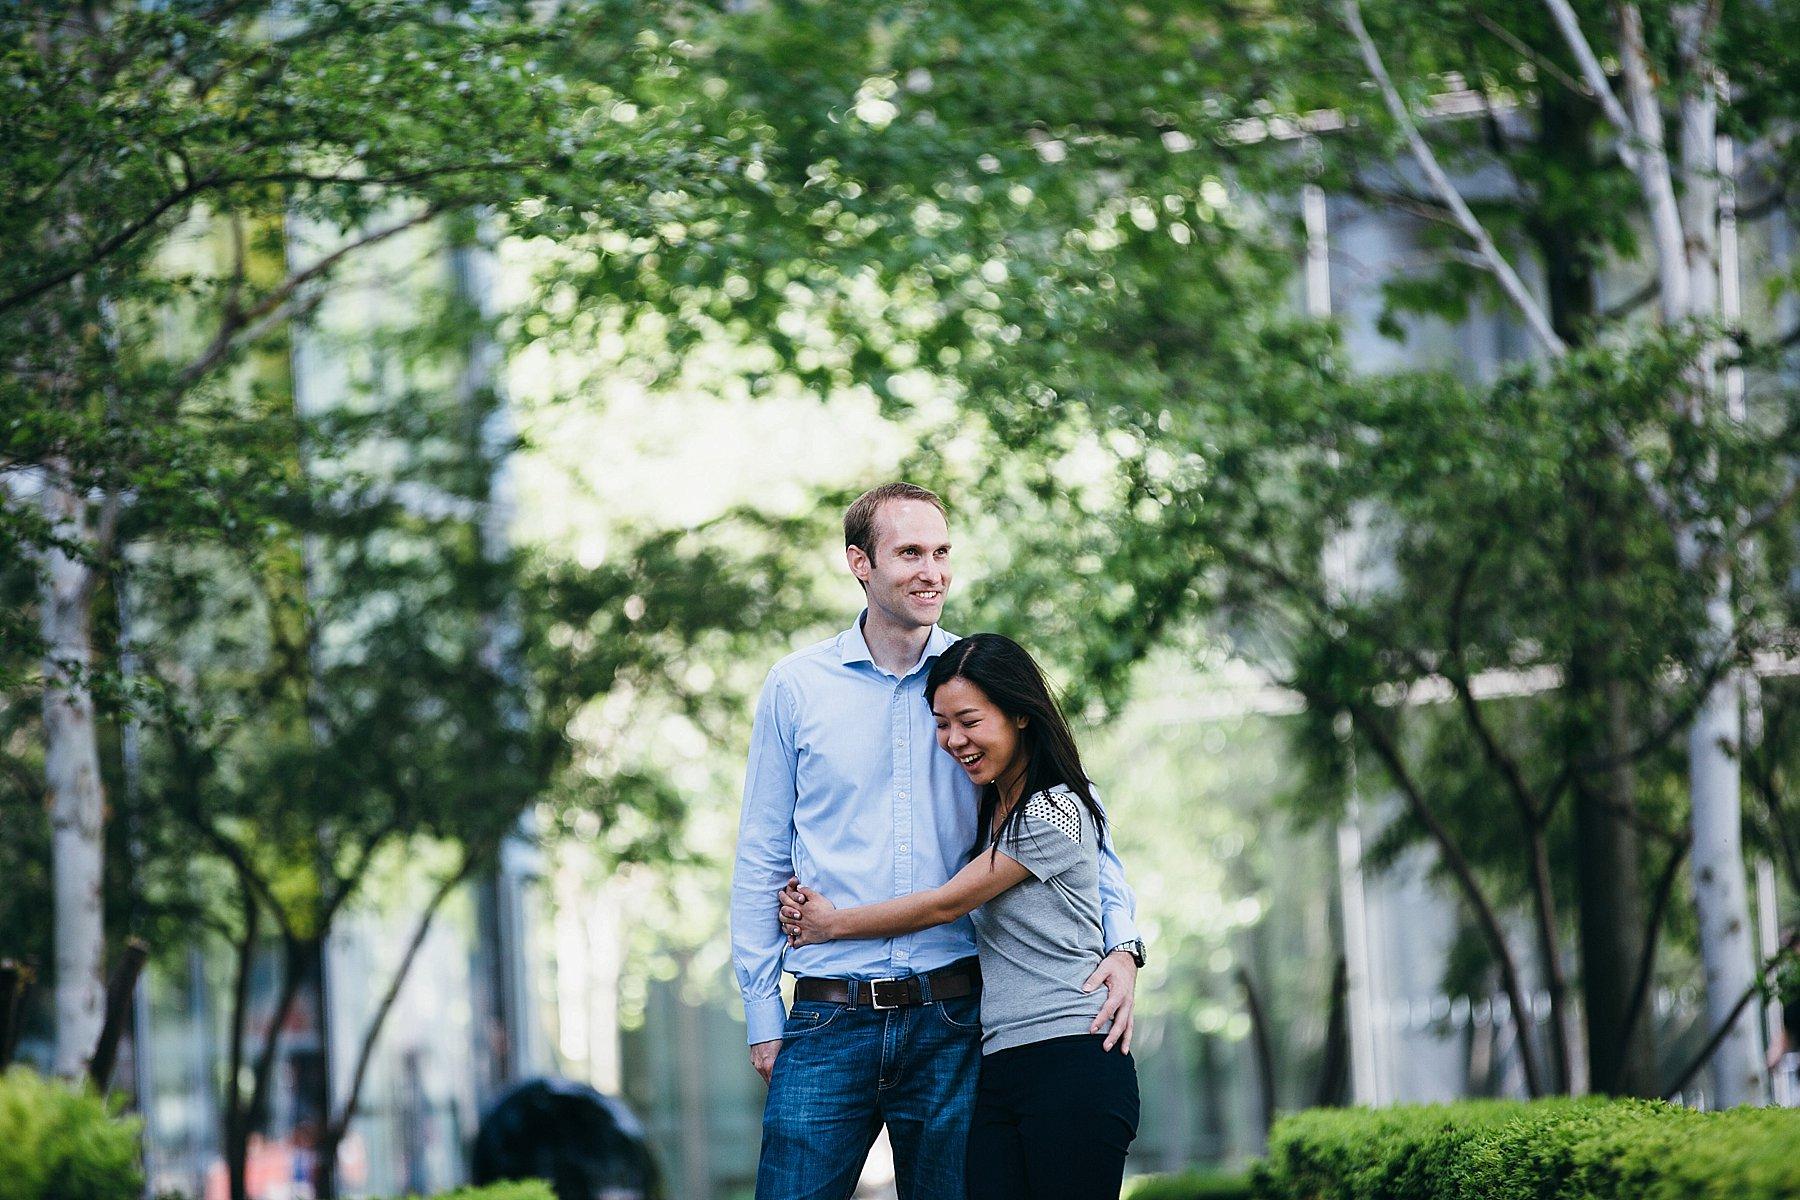 happy engaged couple London wedding photographer.jpg